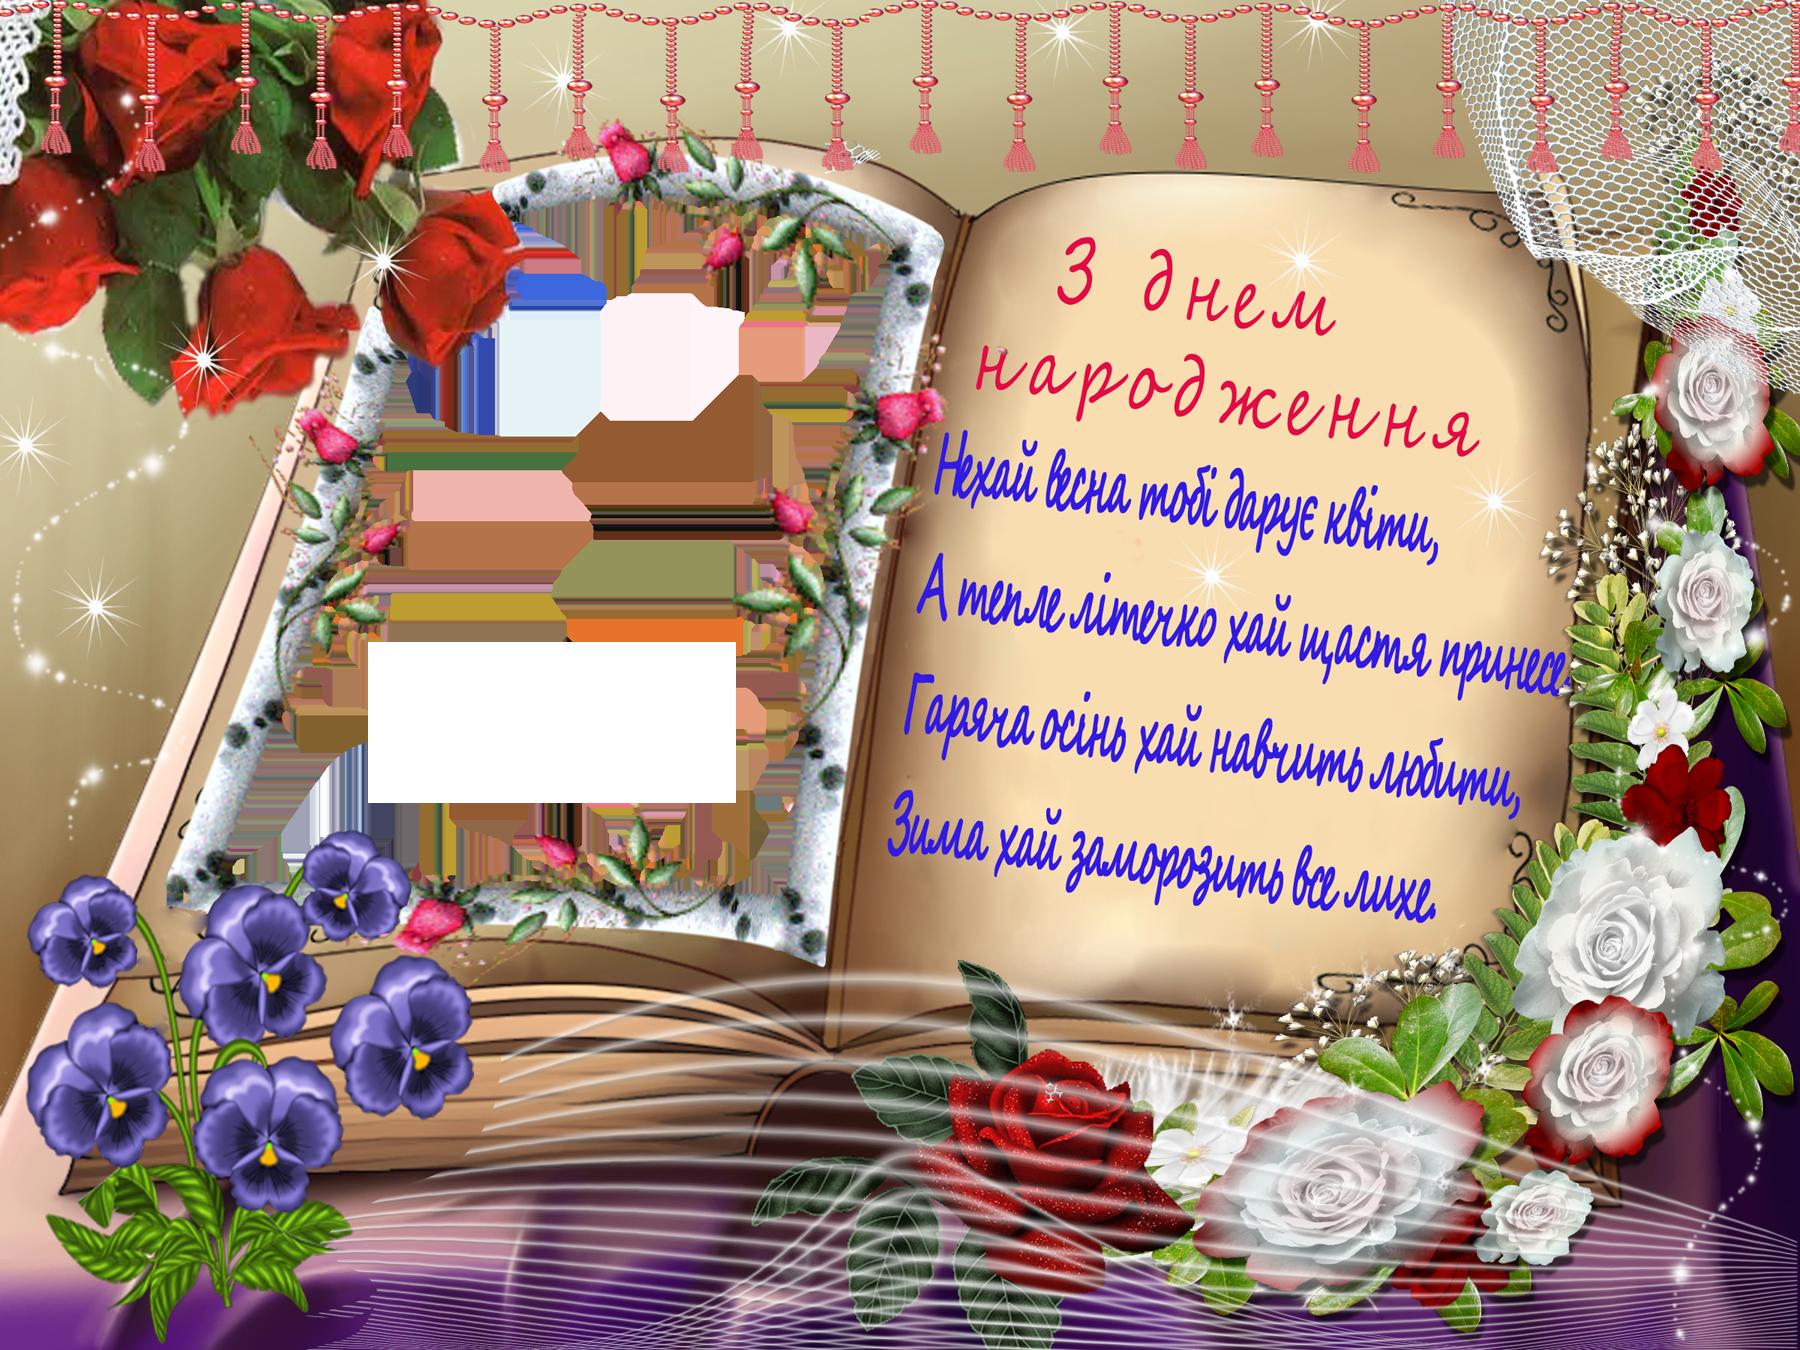 Поздравления с днем рождения Наташе в стихах прикольные